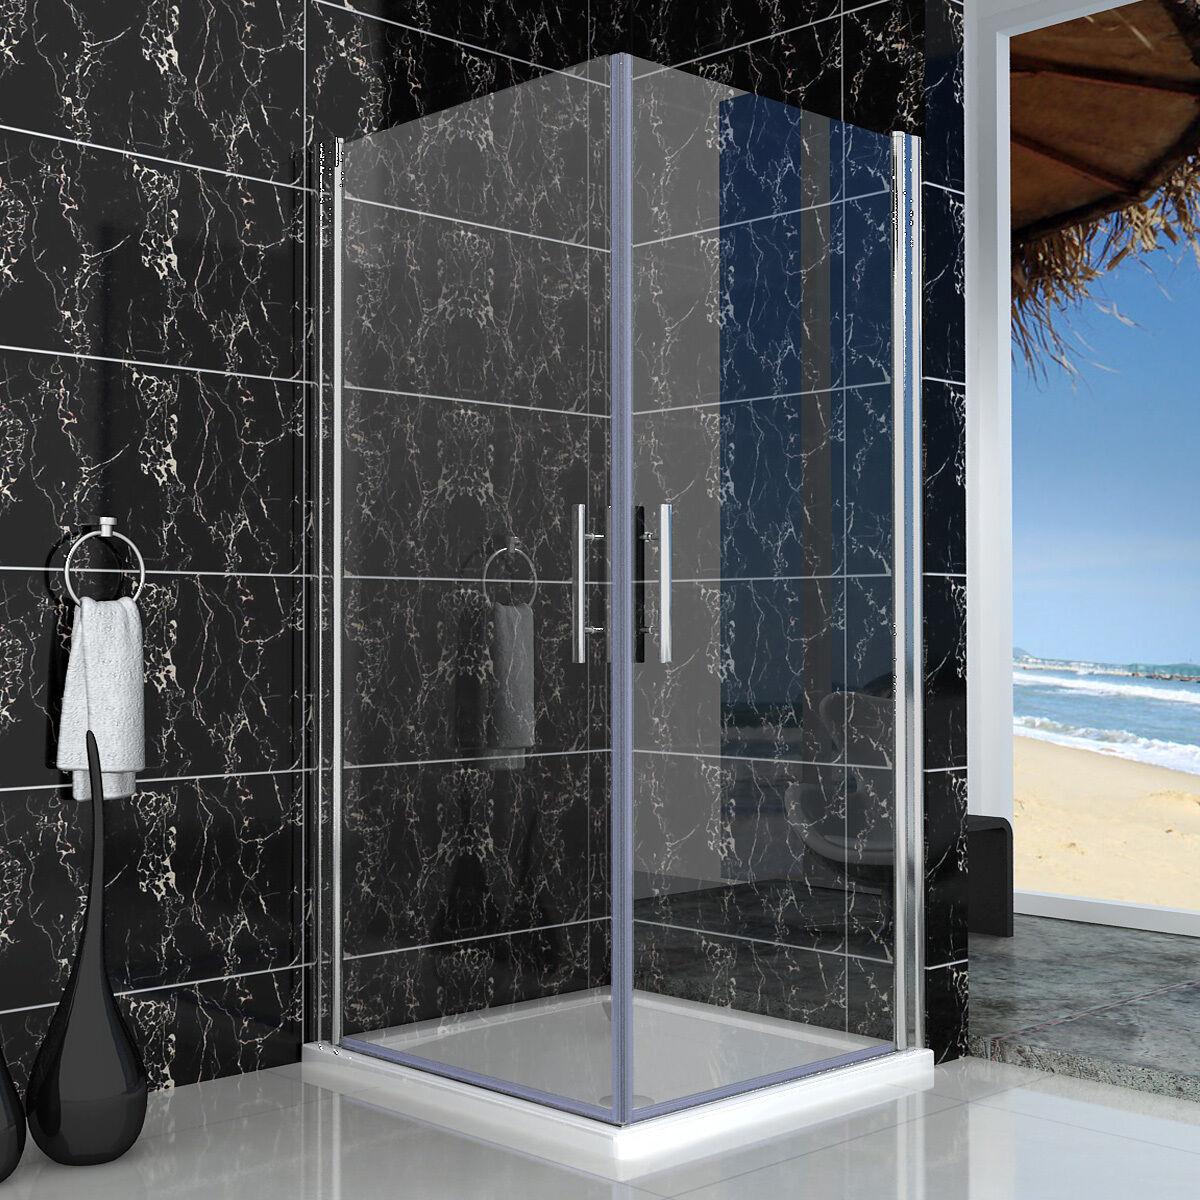 duschkabine schwingt r nano glas dusche duschabtrennung eckeinstieg 80x80x195cm ebay. Black Bedroom Furniture Sets. Home Design Ideas